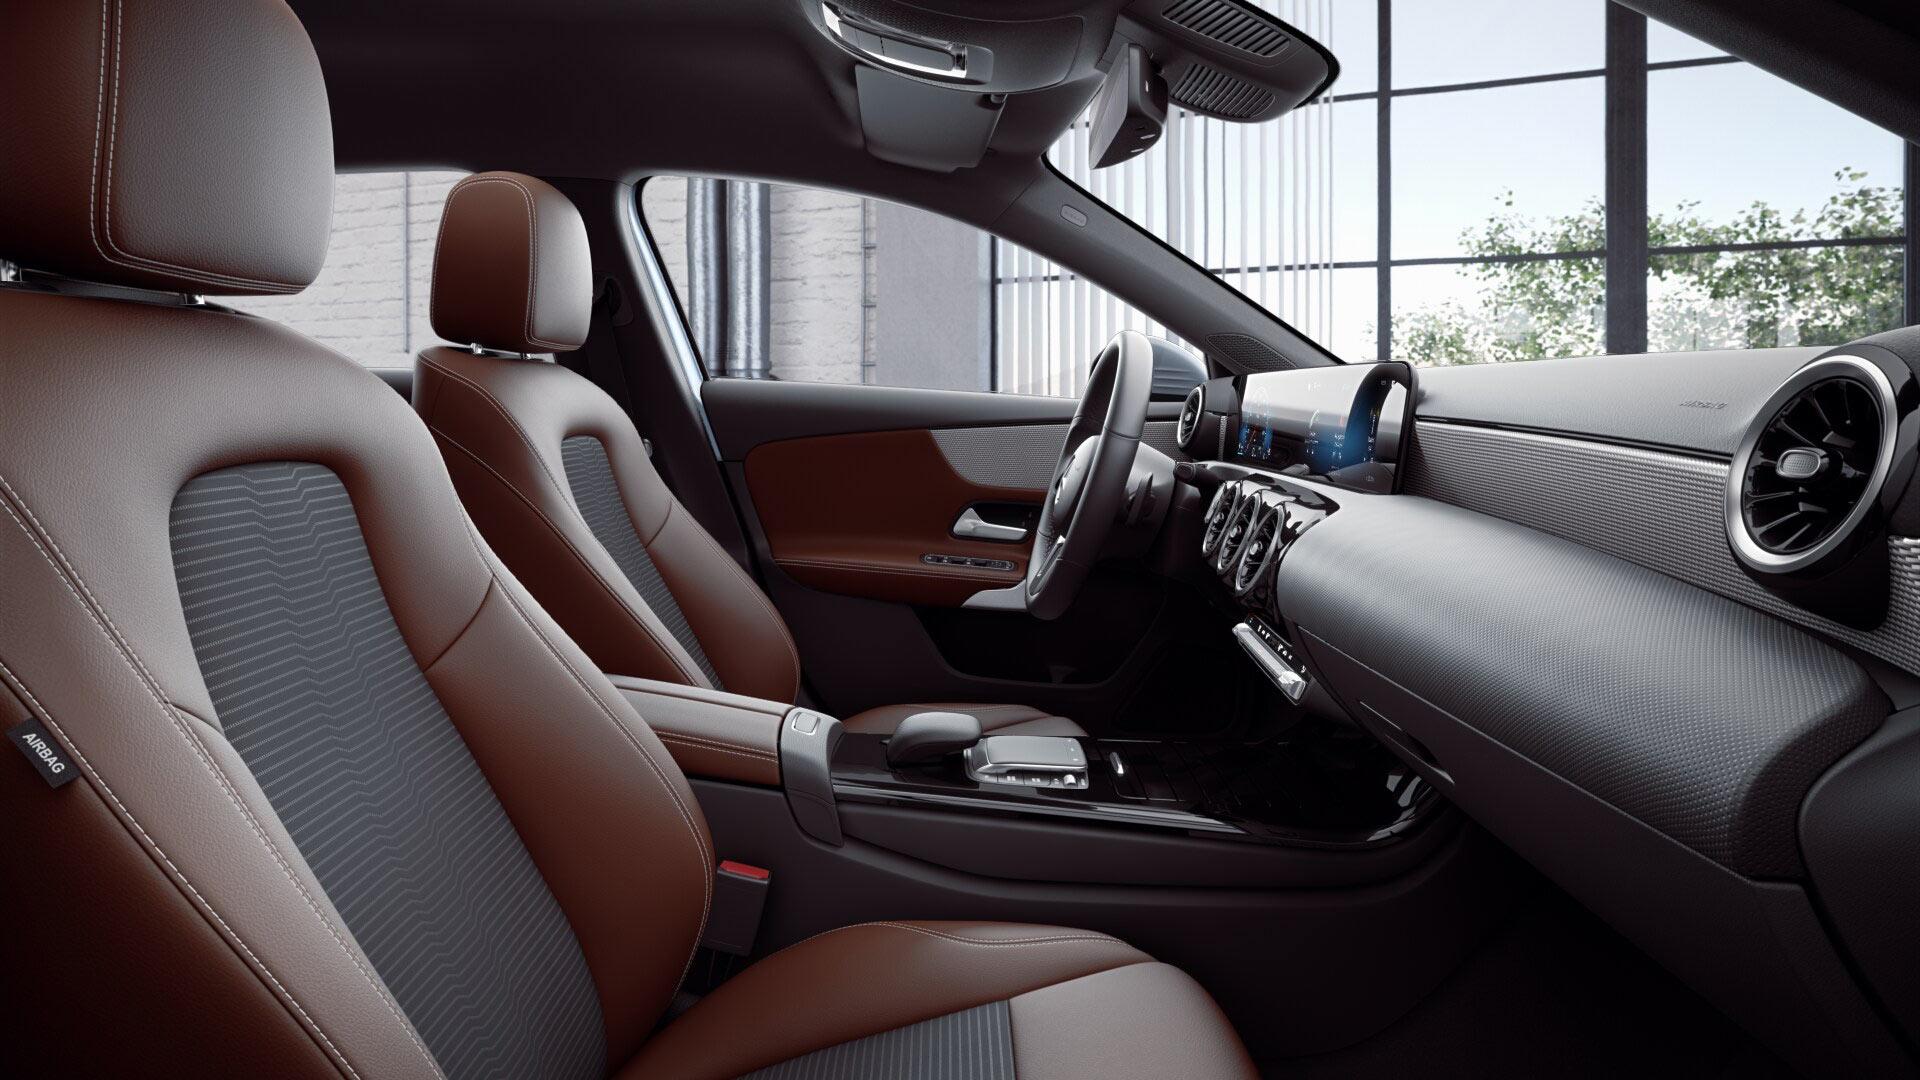 Phares de la Mercedes Classe A - Finition Progressive